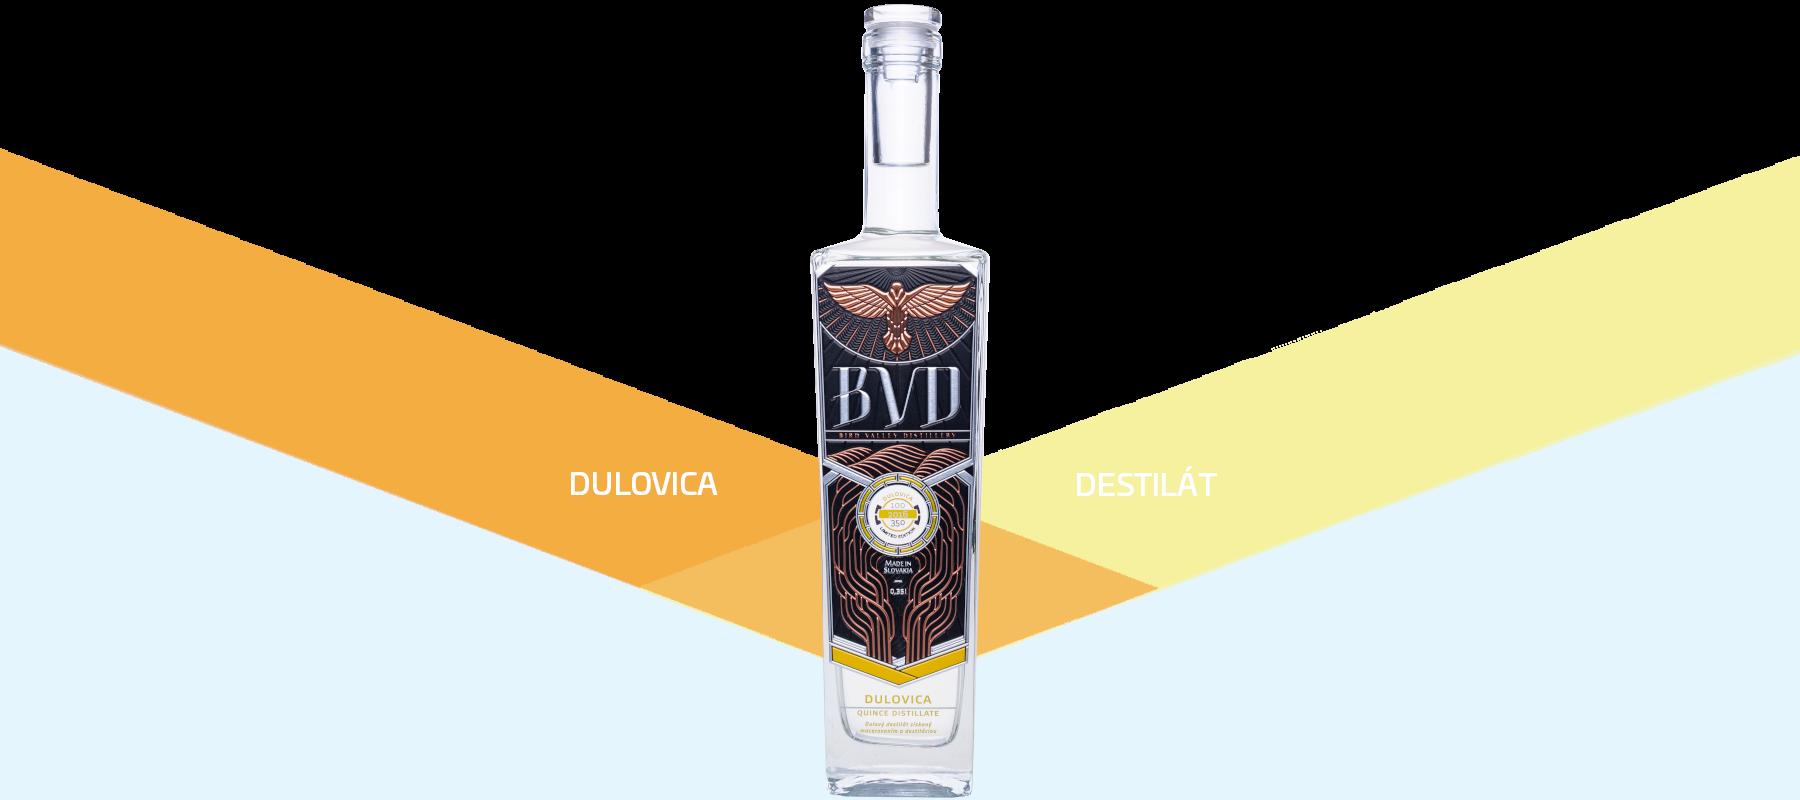 BVD Dulovica destilát